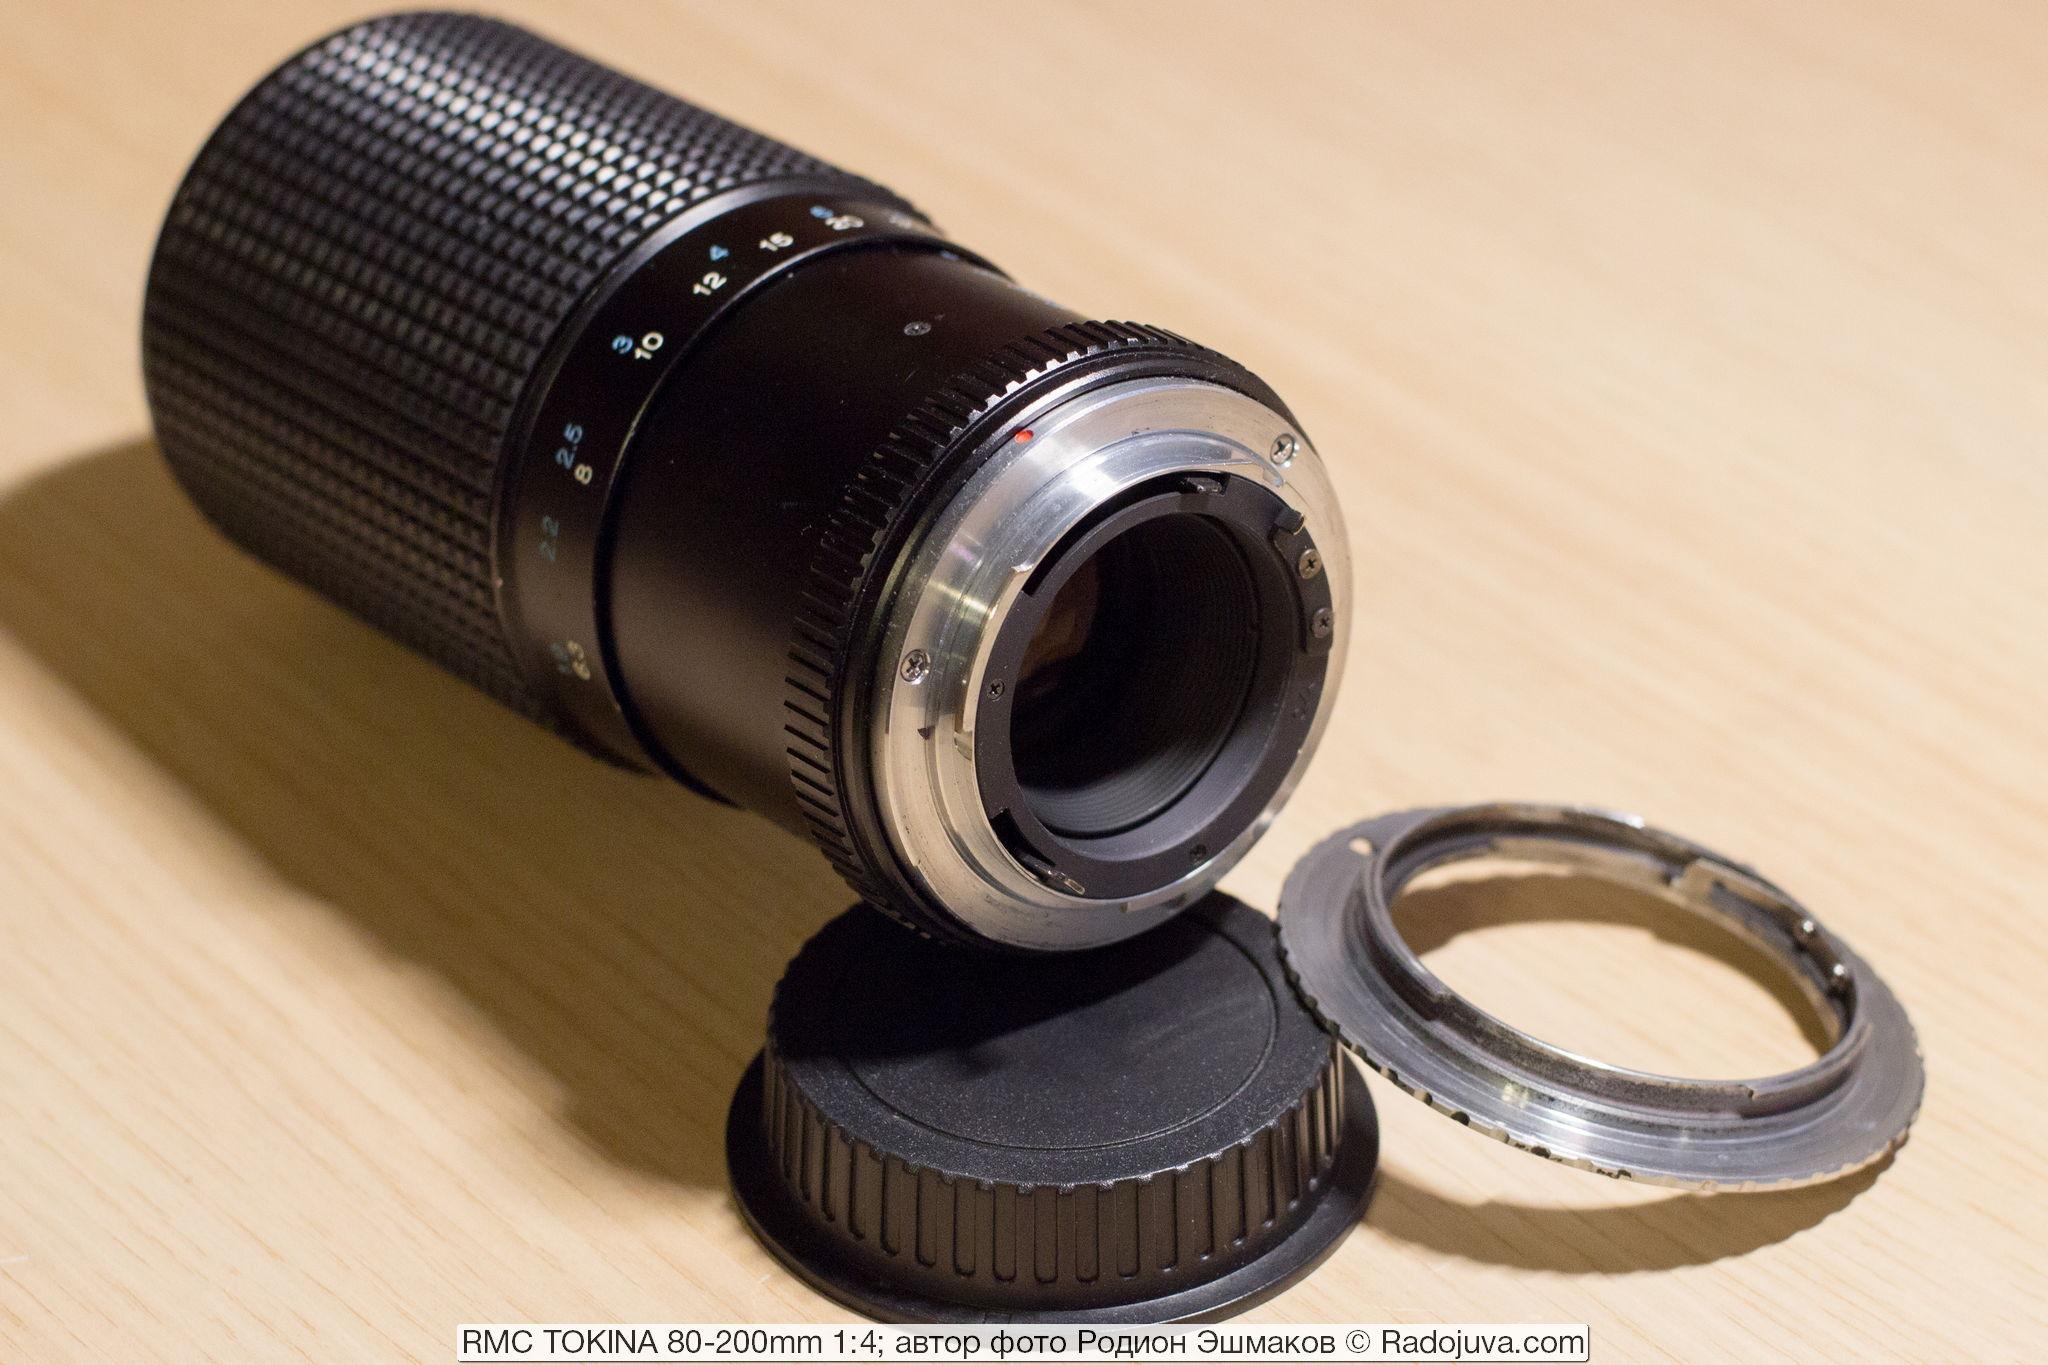 Вид на объектив со стороны байонета. Задний блок линз утоплен в корпус. Рядом – переходник C/Y-Canon EF, позволяющий полноценно использовать объектив на камерах Canon EOS.